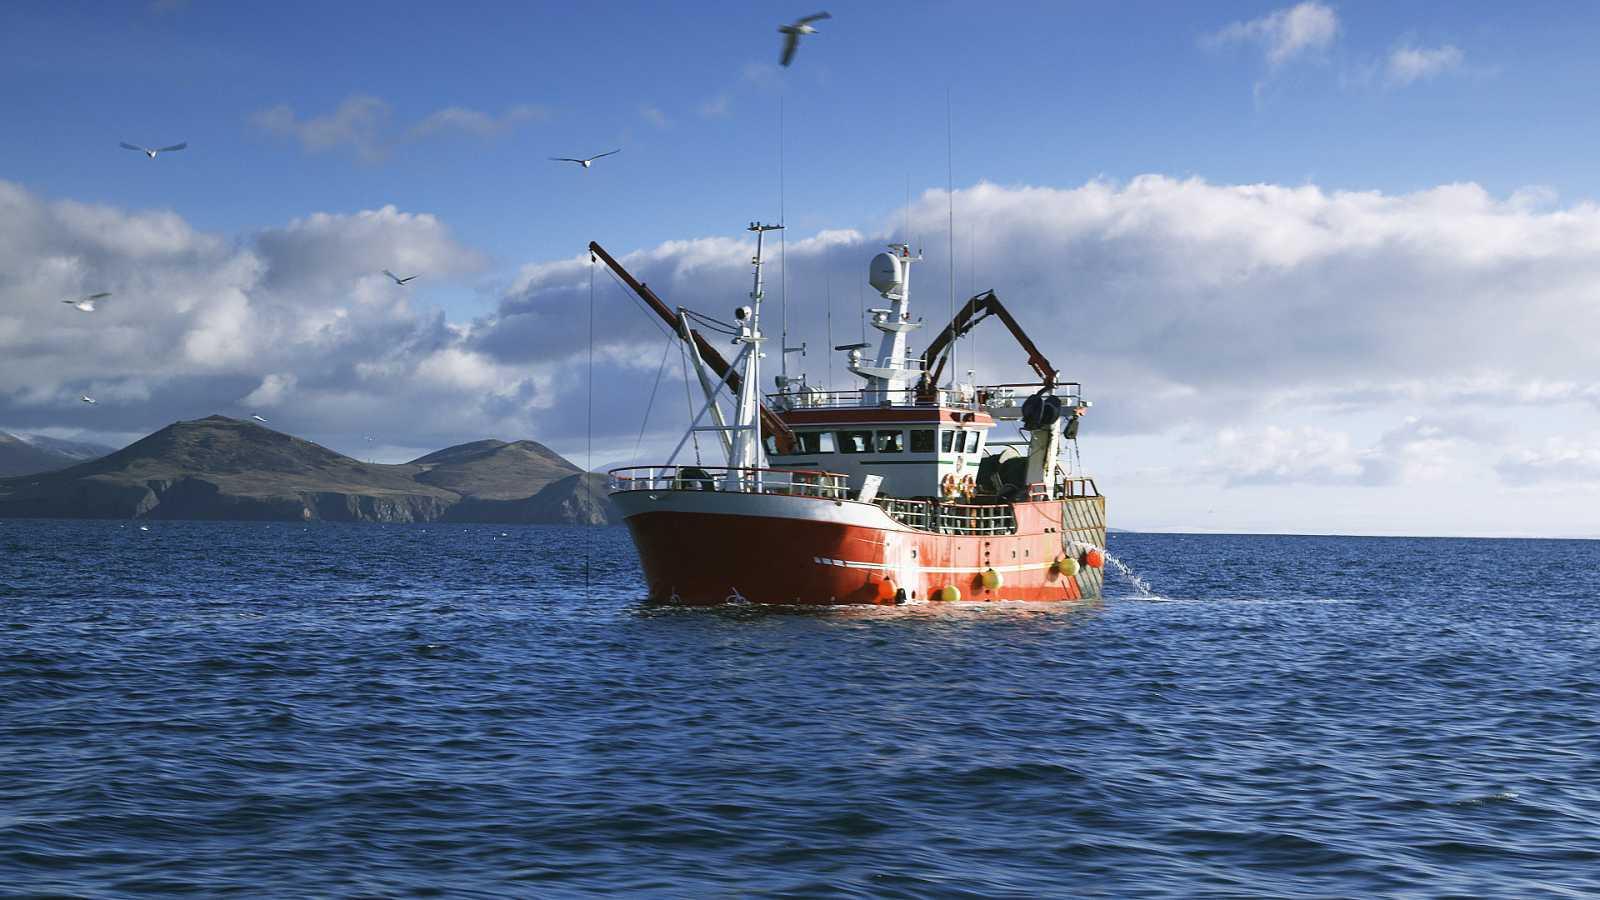 Españoles en la mar - Ley de pesca marítima, marisqueo y acuicultura de Cantabria - 04/12/19 - escuchar ahora